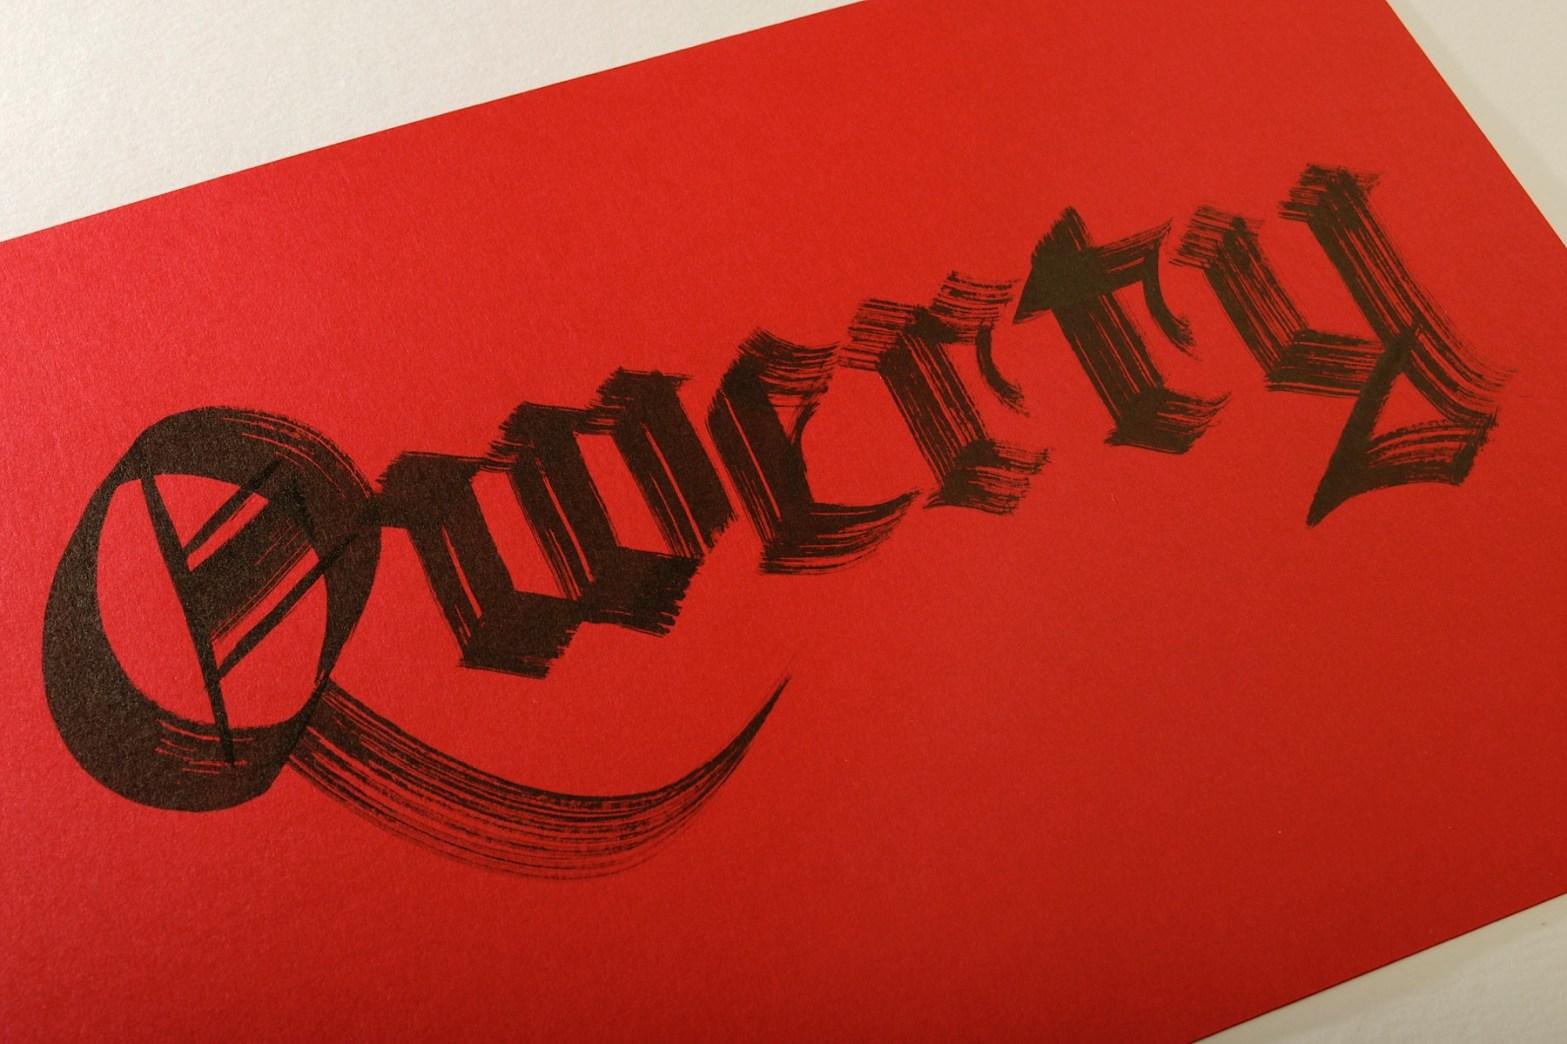 """Trabalho de caligrafia em preto sobre papel vermelho, onde está escrito """"Qwerty"""" em letras góticas"""